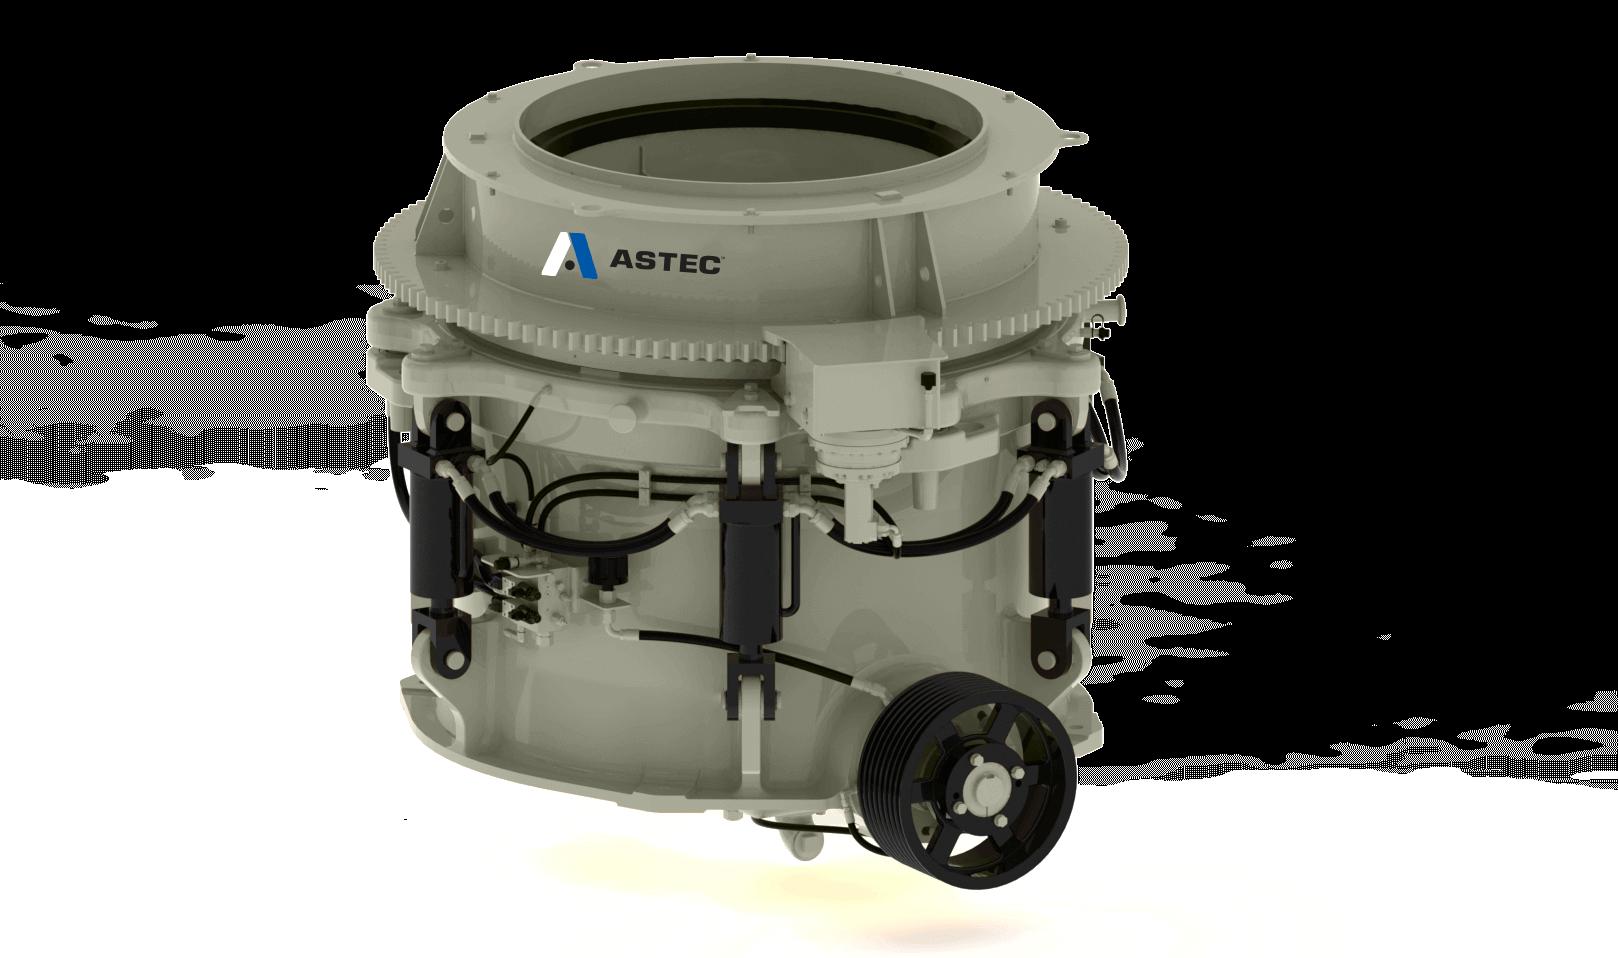 Конусная дробилка ASTEC Titan